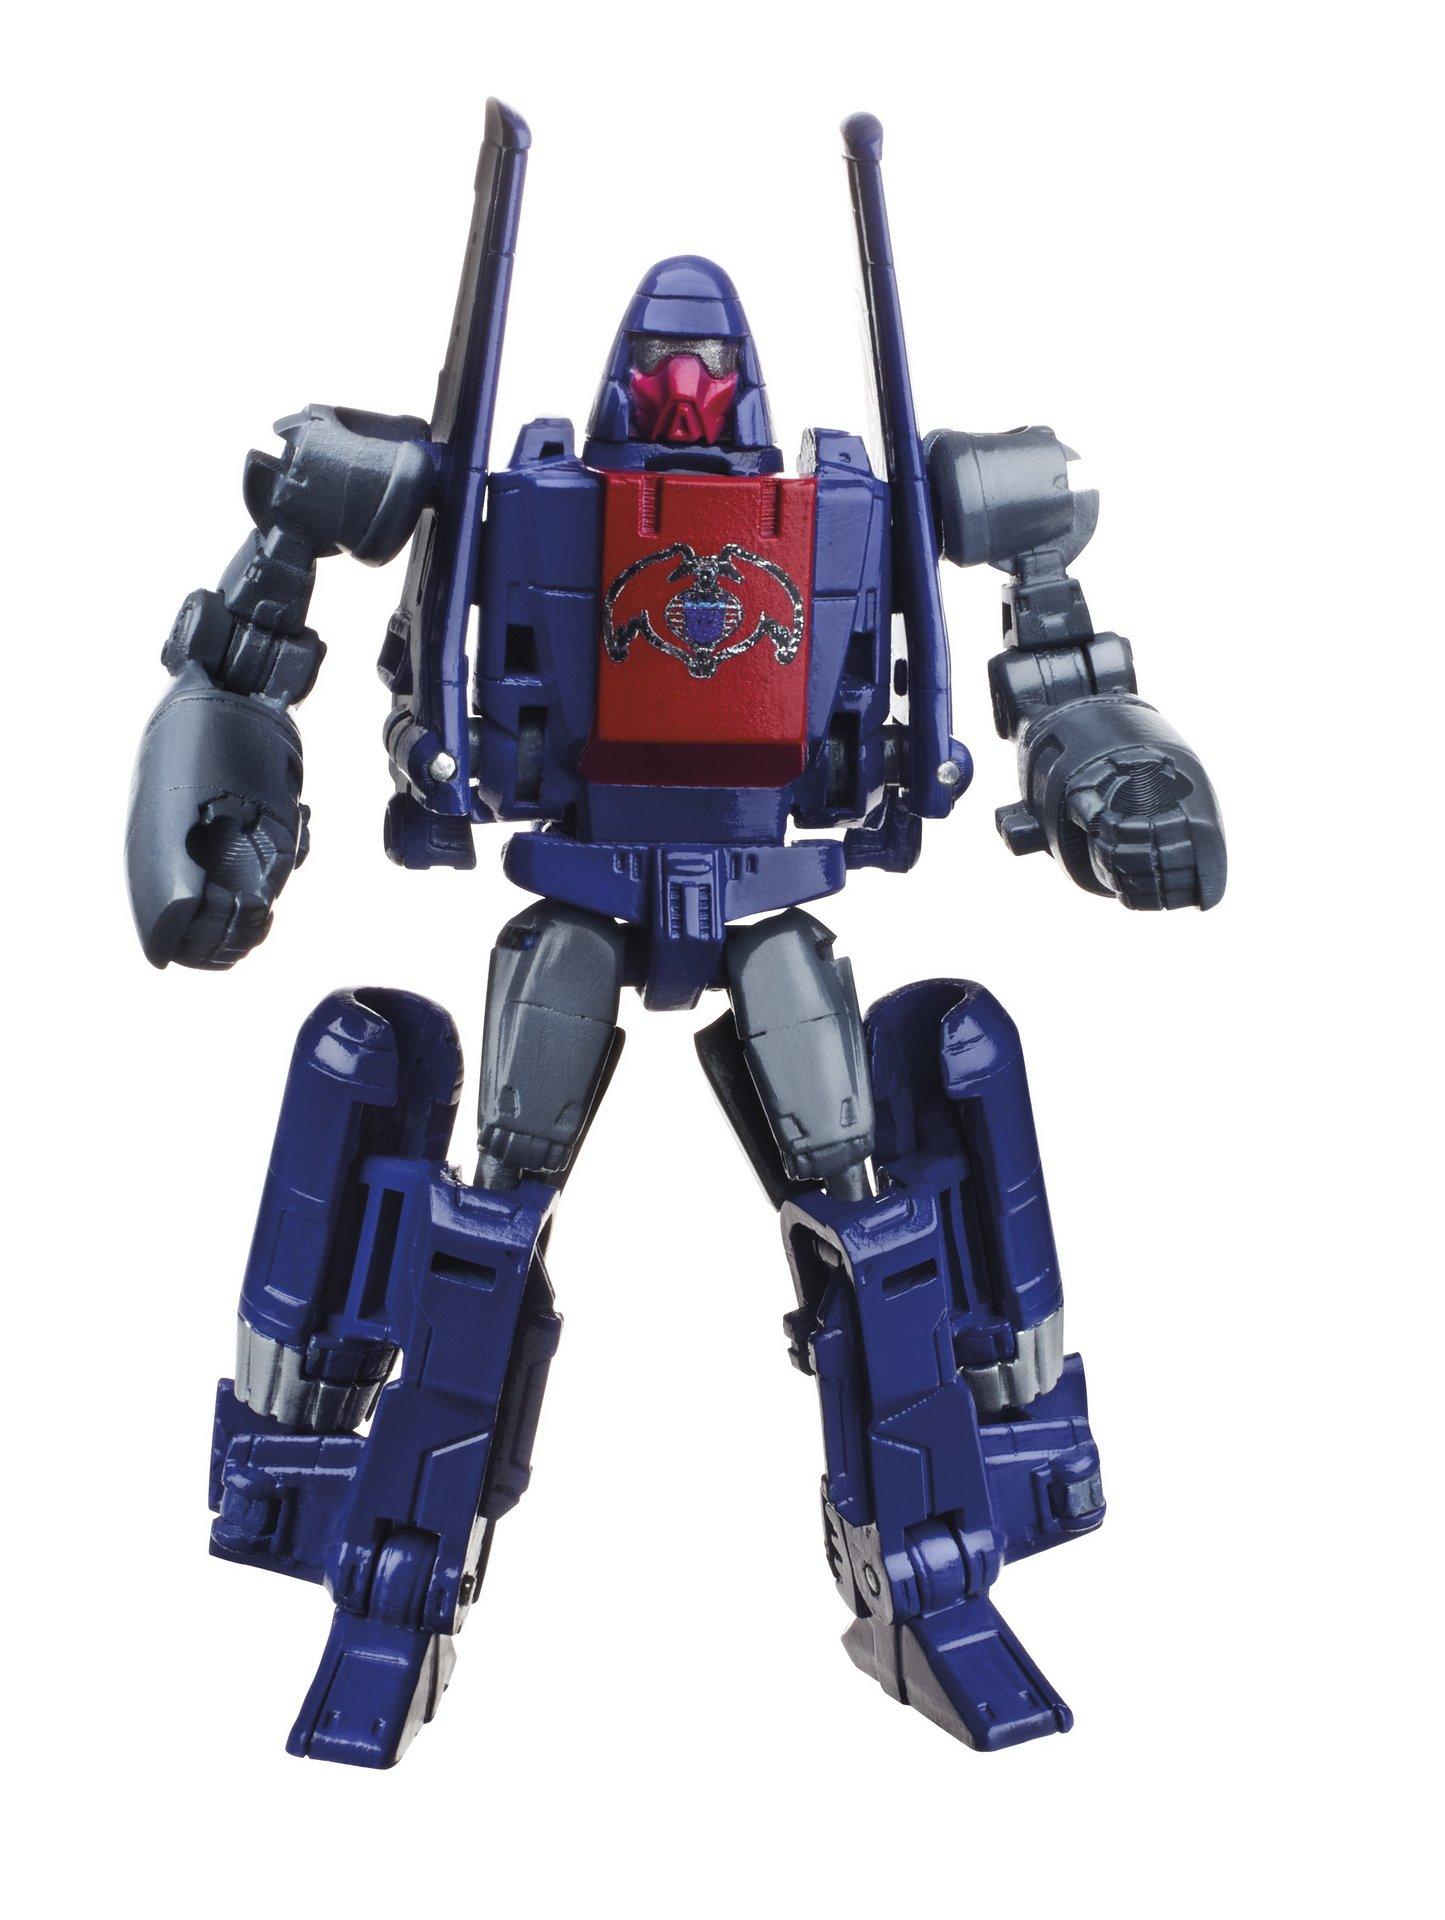 Transformers Combiner Wars Legends Class Viper Cobra